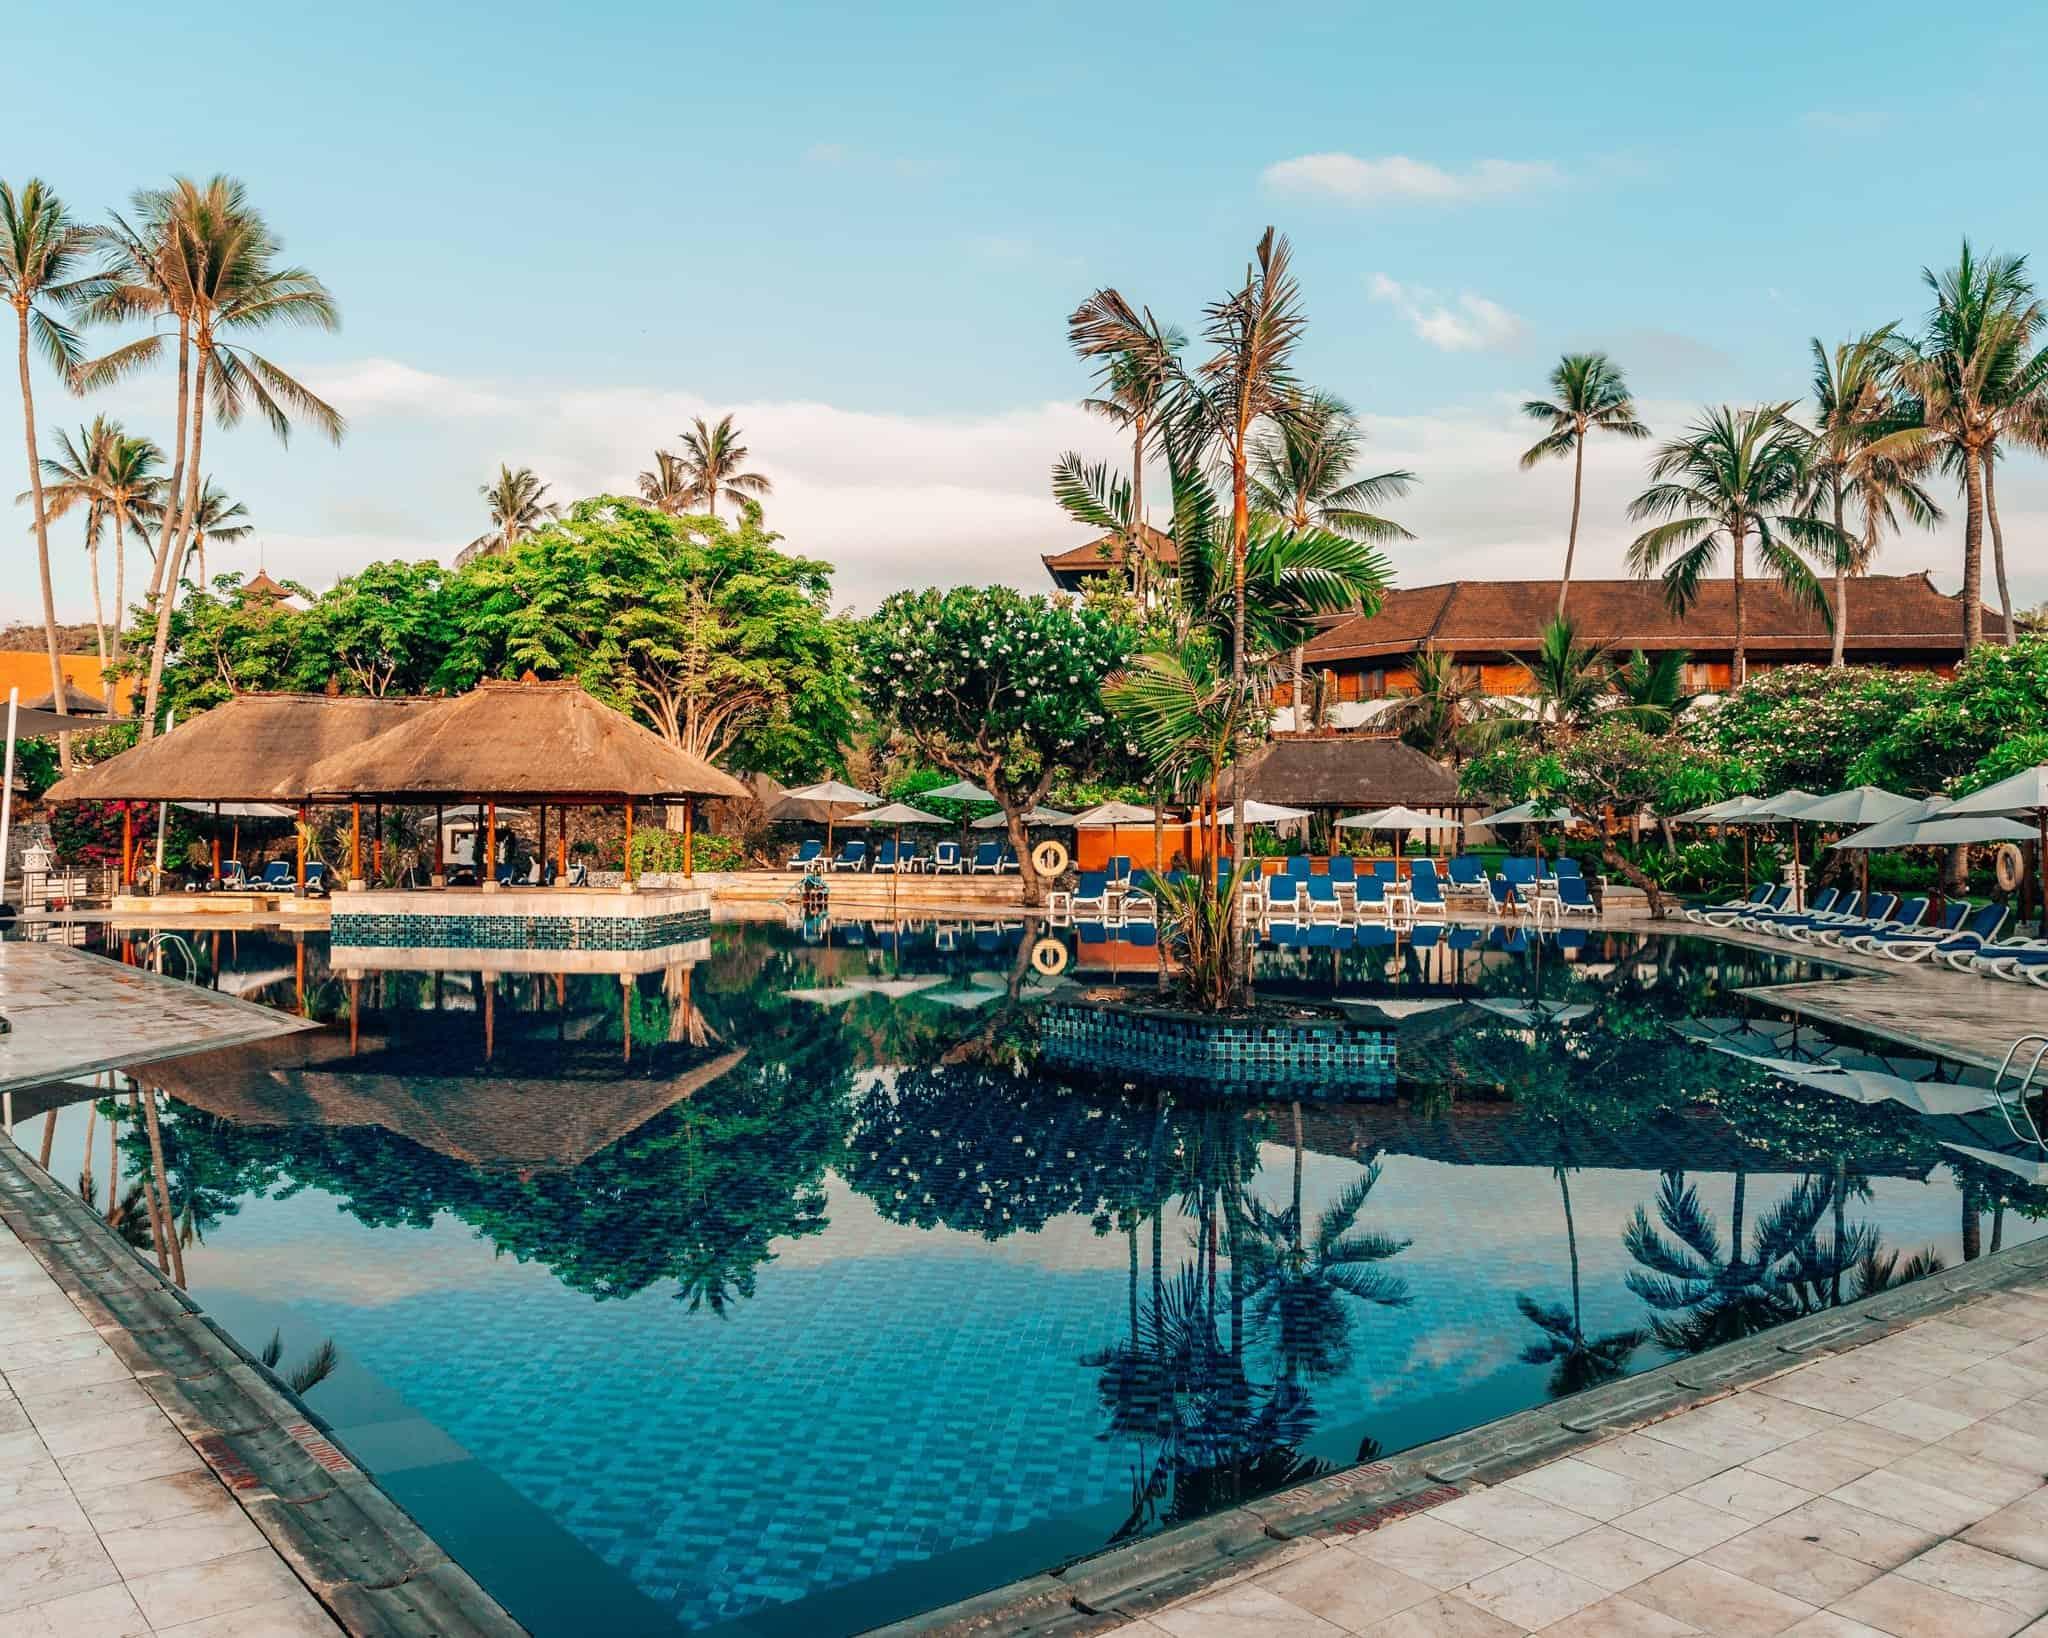 Pool at Nusa Dua Beach Hotel and Spa - The Next Trip